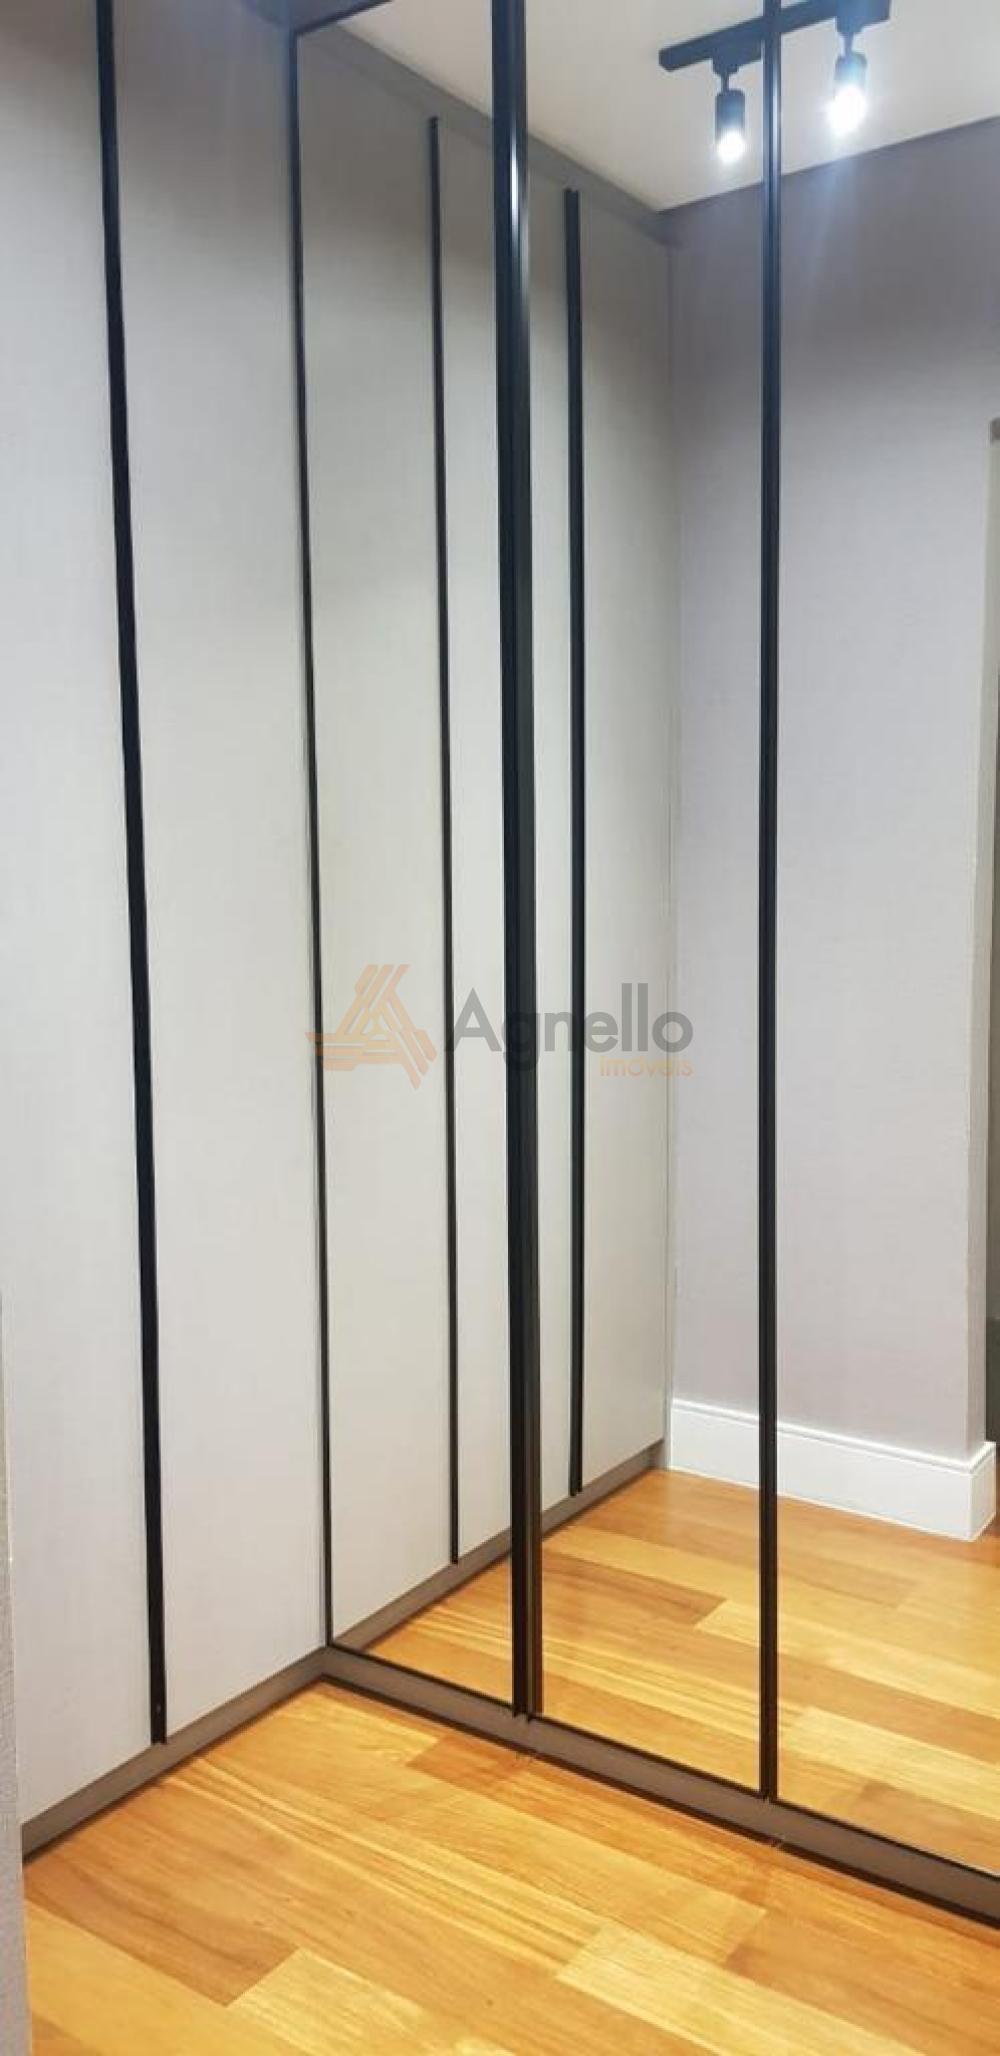 Comprar Apartamento / Padrão em Franca R$ 1.300.000,00 - Foto 15